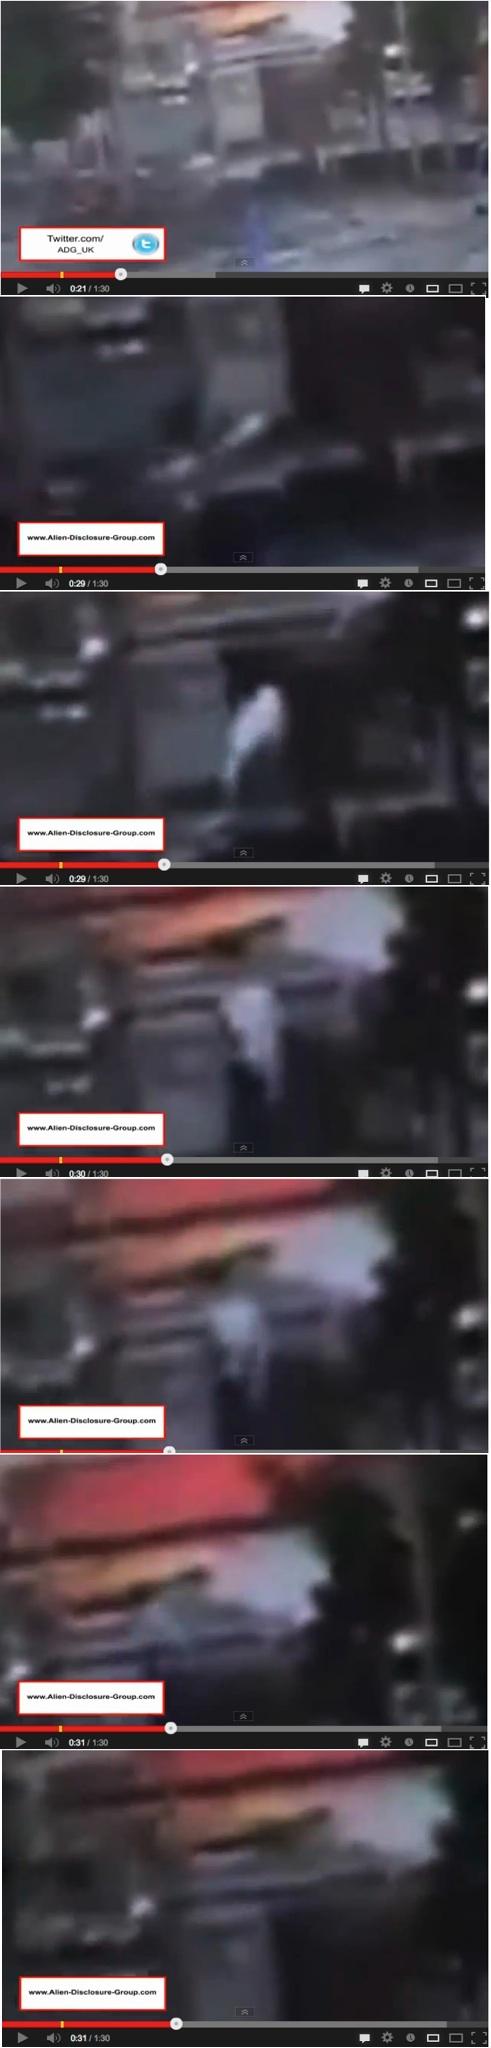 311津波映像の中のゴースト!?:なんだこれは???おそらく「怨念」だろうナア!_e0171614_17403326.jpg